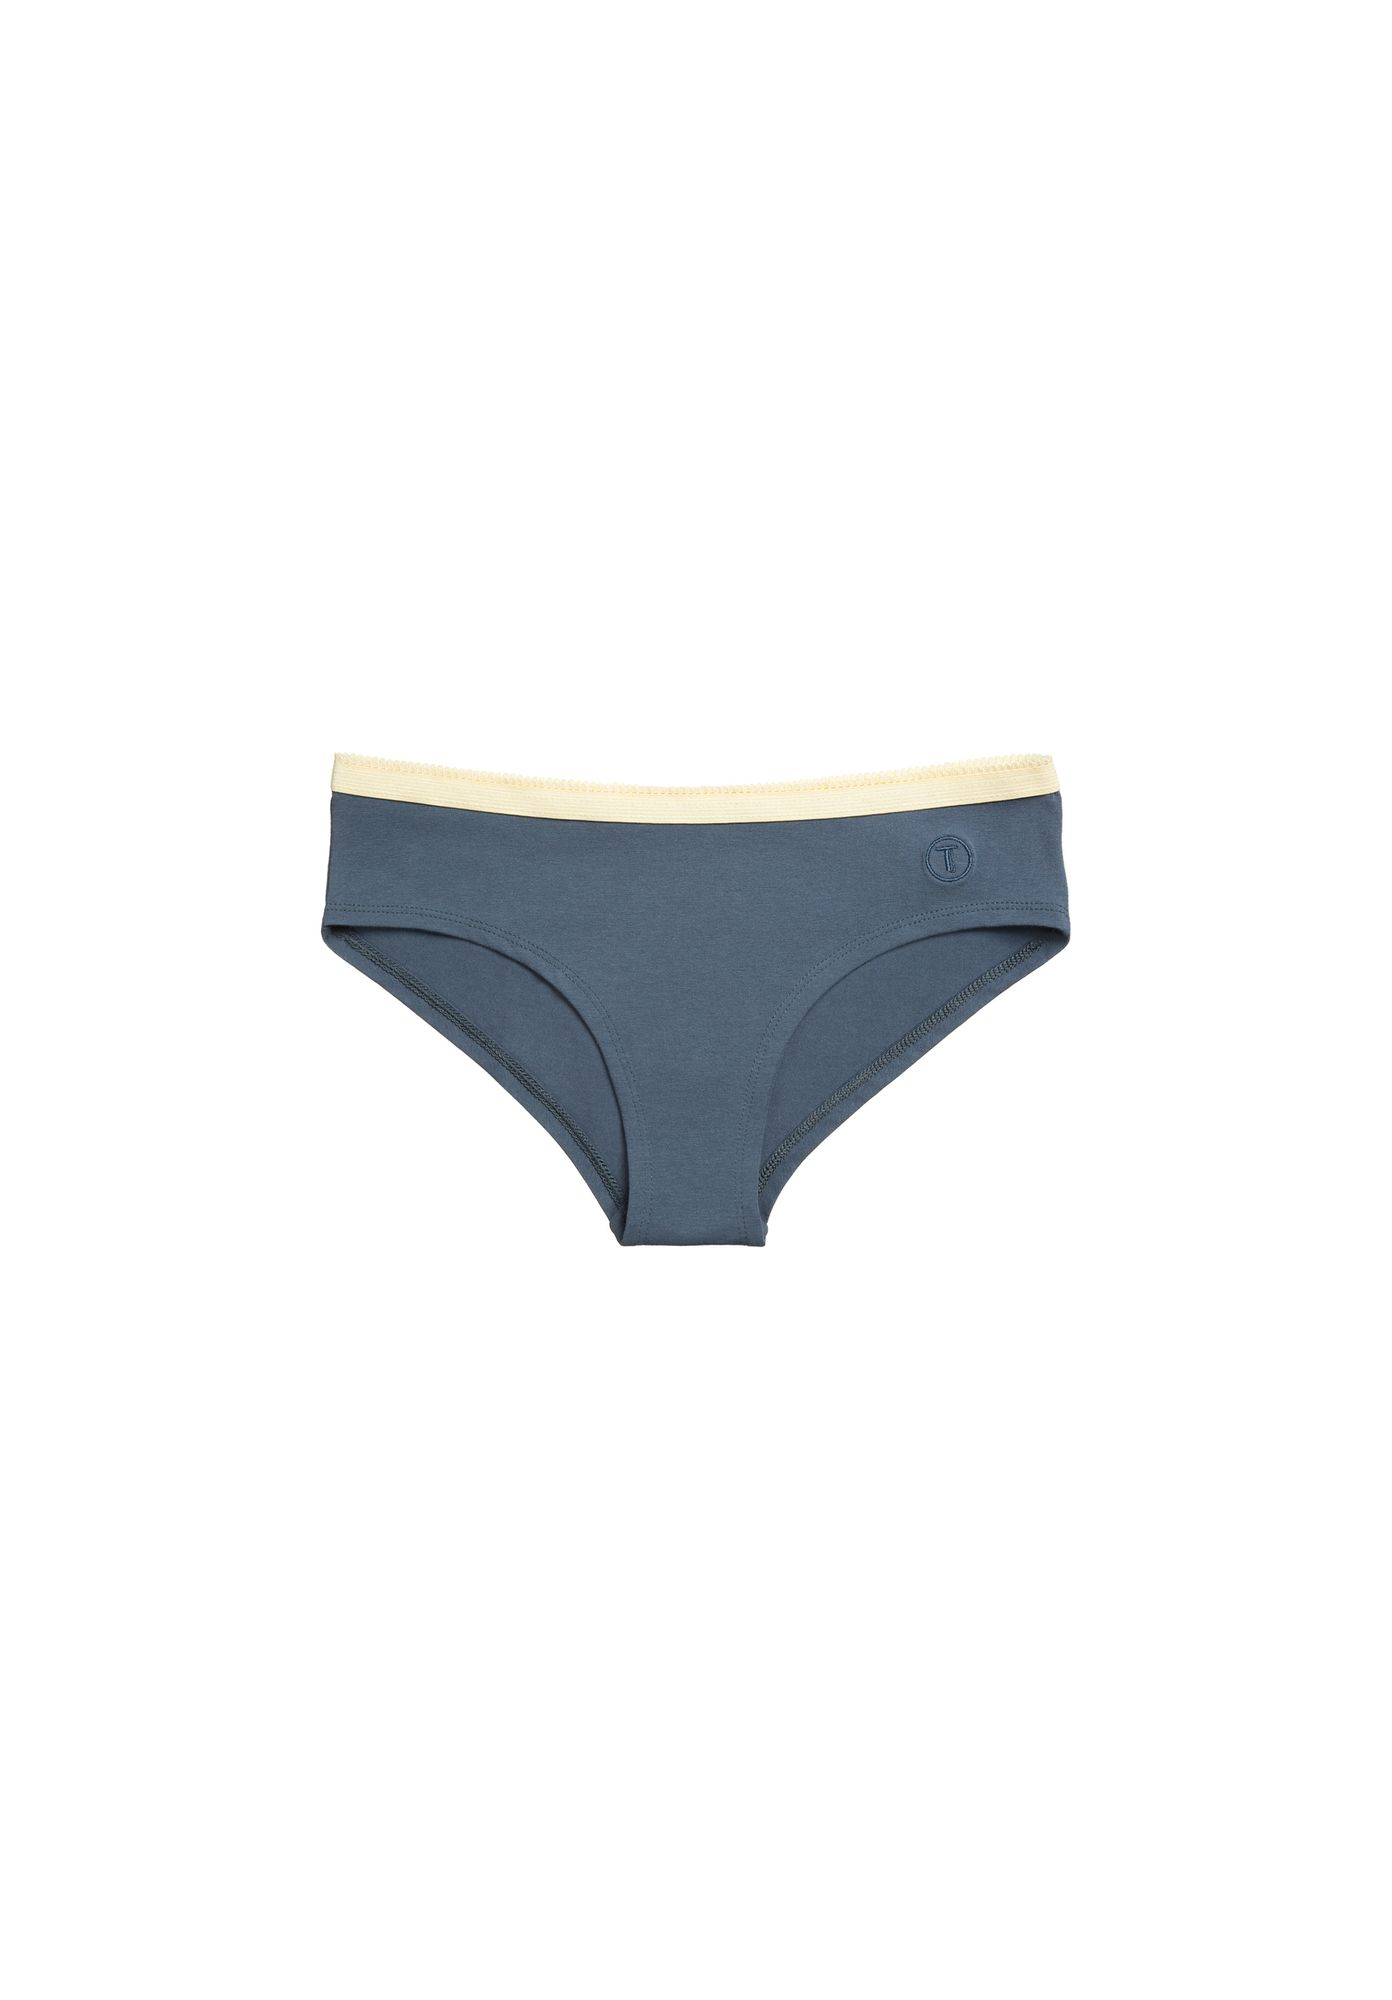 TT21 Panty Lace Band Thundercloud/Vanilla